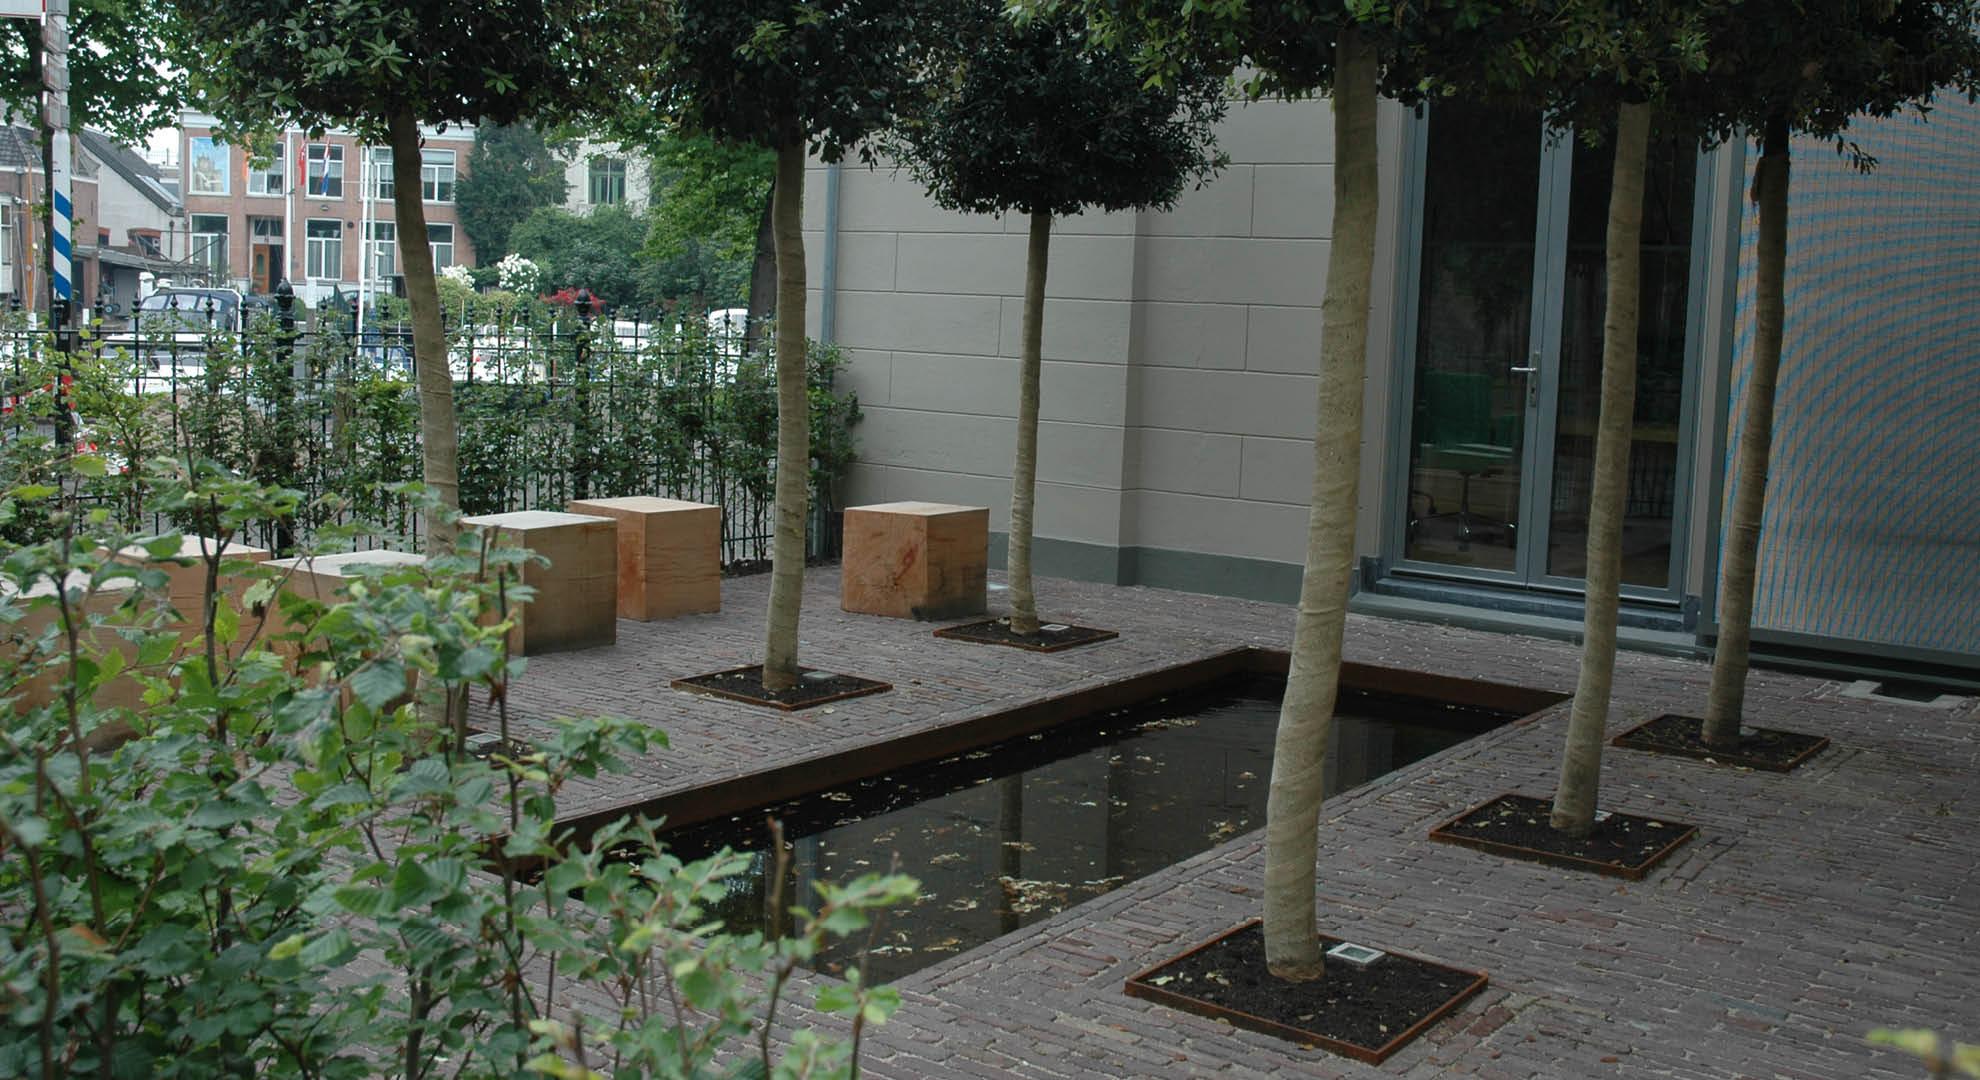 Kantoortuin in Dordrecht - Foto 2